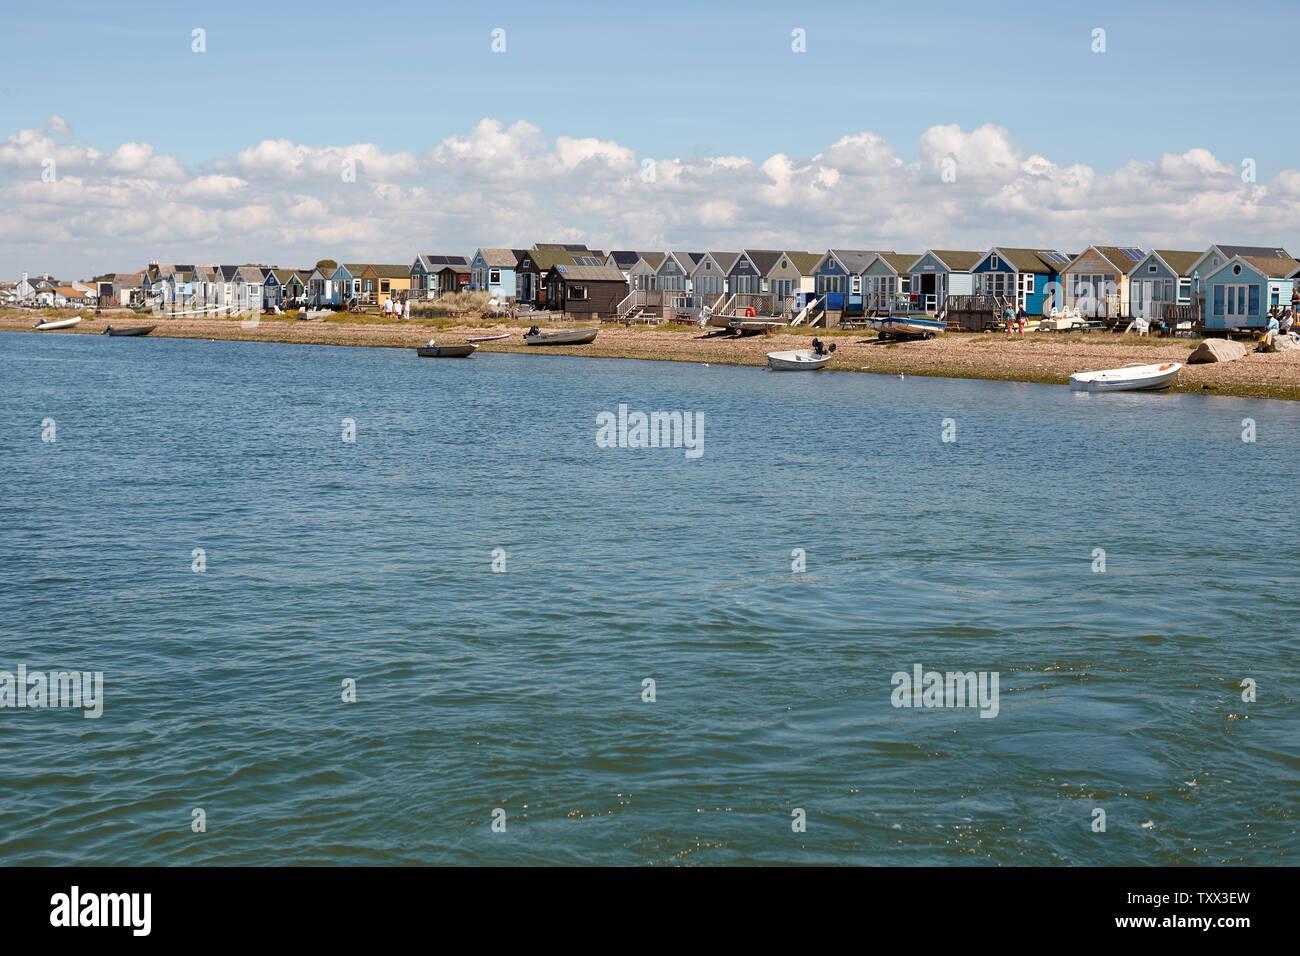 Die bunte und sehr gefragter Strand Hütten auf Mudeford Spit (mudeford Sandbank, Mudeford Strand) in Hengistbury Head in Dorset Stockfoto